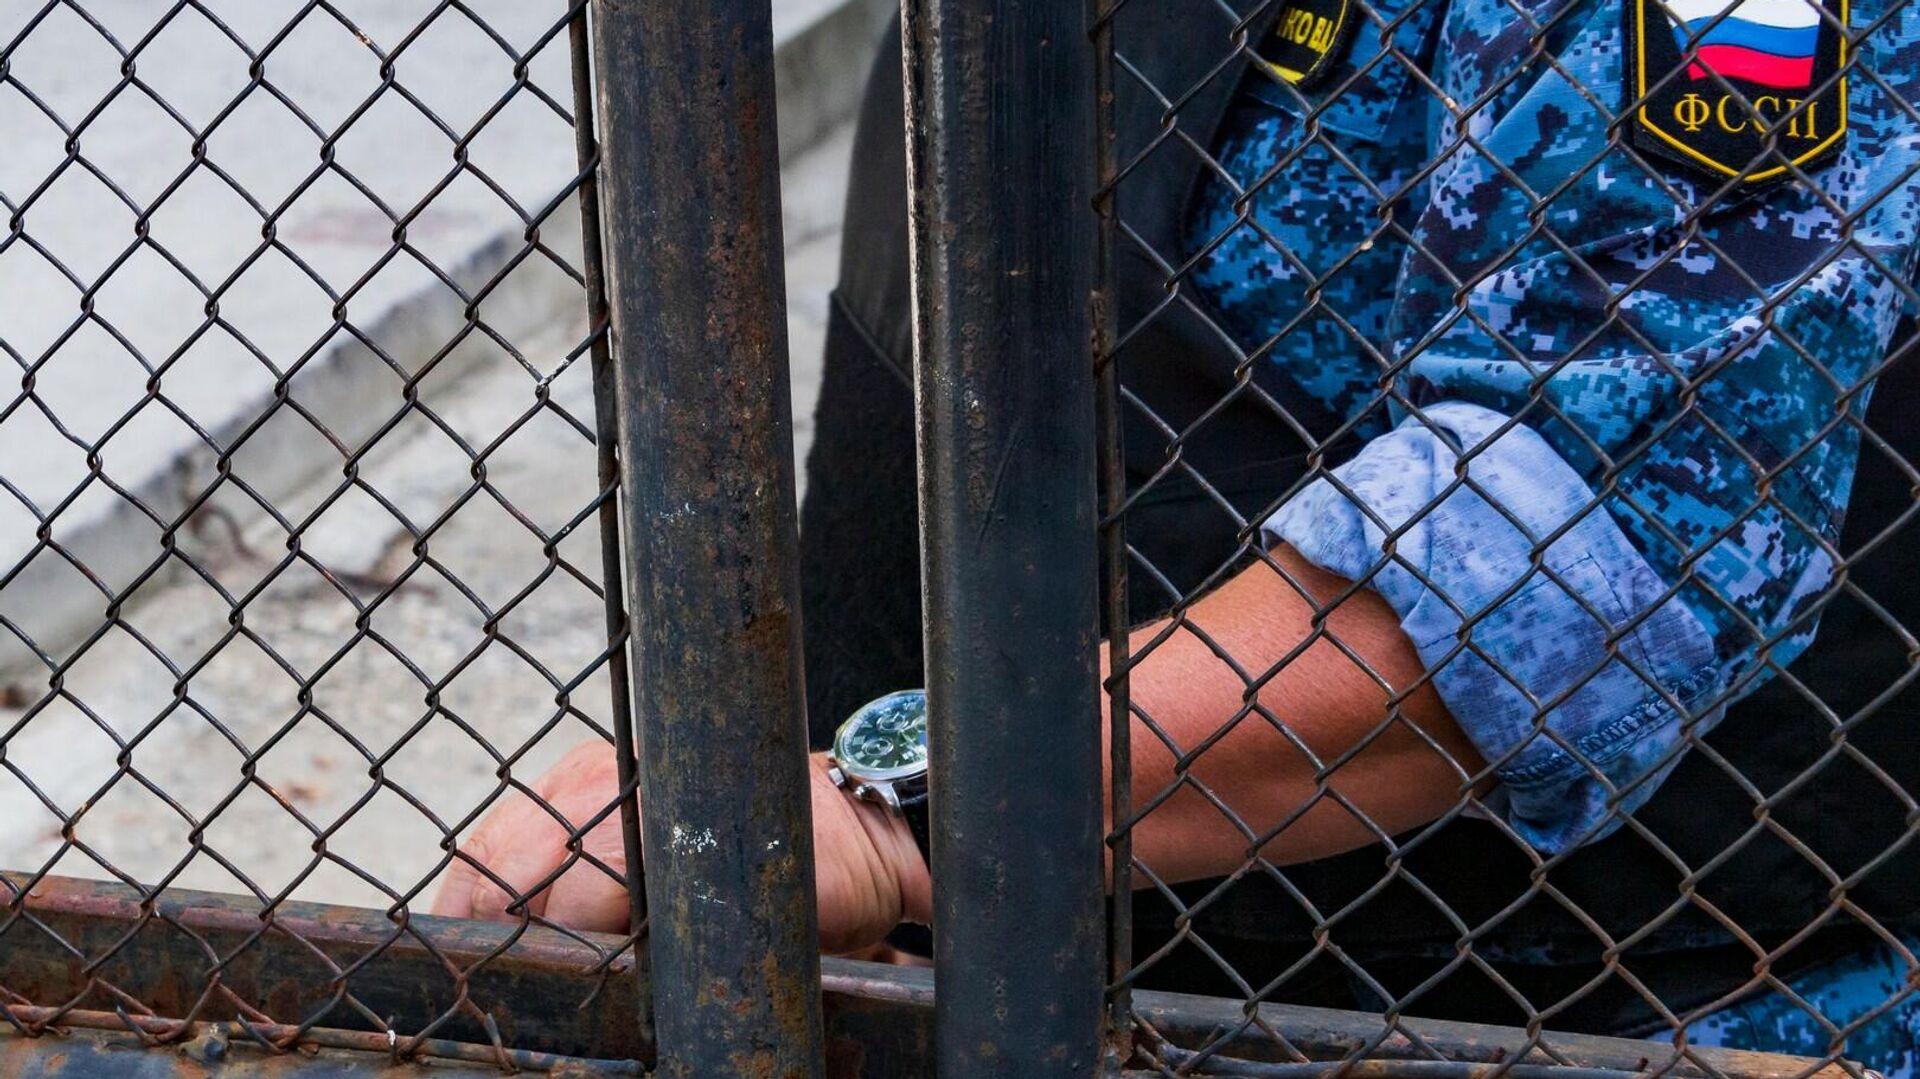 23 августа в Перевальном произошел прорыв трубопровода, по которому газ поступает в воинскую часть. Прорыв был ликвидирован вечером в тот же день. По подозрению в организации диверсии задержаны первый замглавы запрещенного в России меджлиса крымско-татарского народа* Нариман Джелялов и его сообщники. Суд избрал им меру пресечения в виде заключения под стражу сроком на два месяца - до 4 ноября 2021 года. - РИА Новости, 1920, 07.09.2021